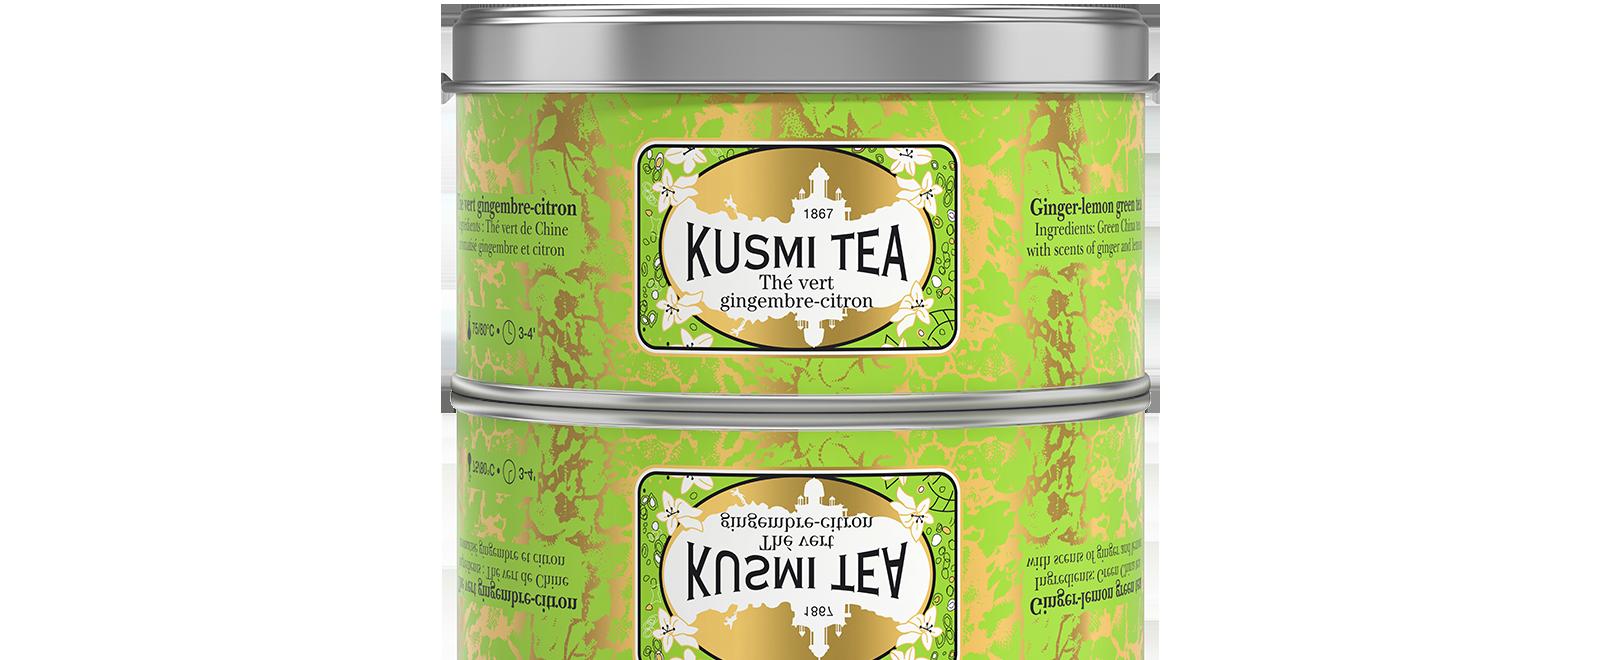 Thé vert - Thé vert saveur gingembre-citron - Kusmi Tea